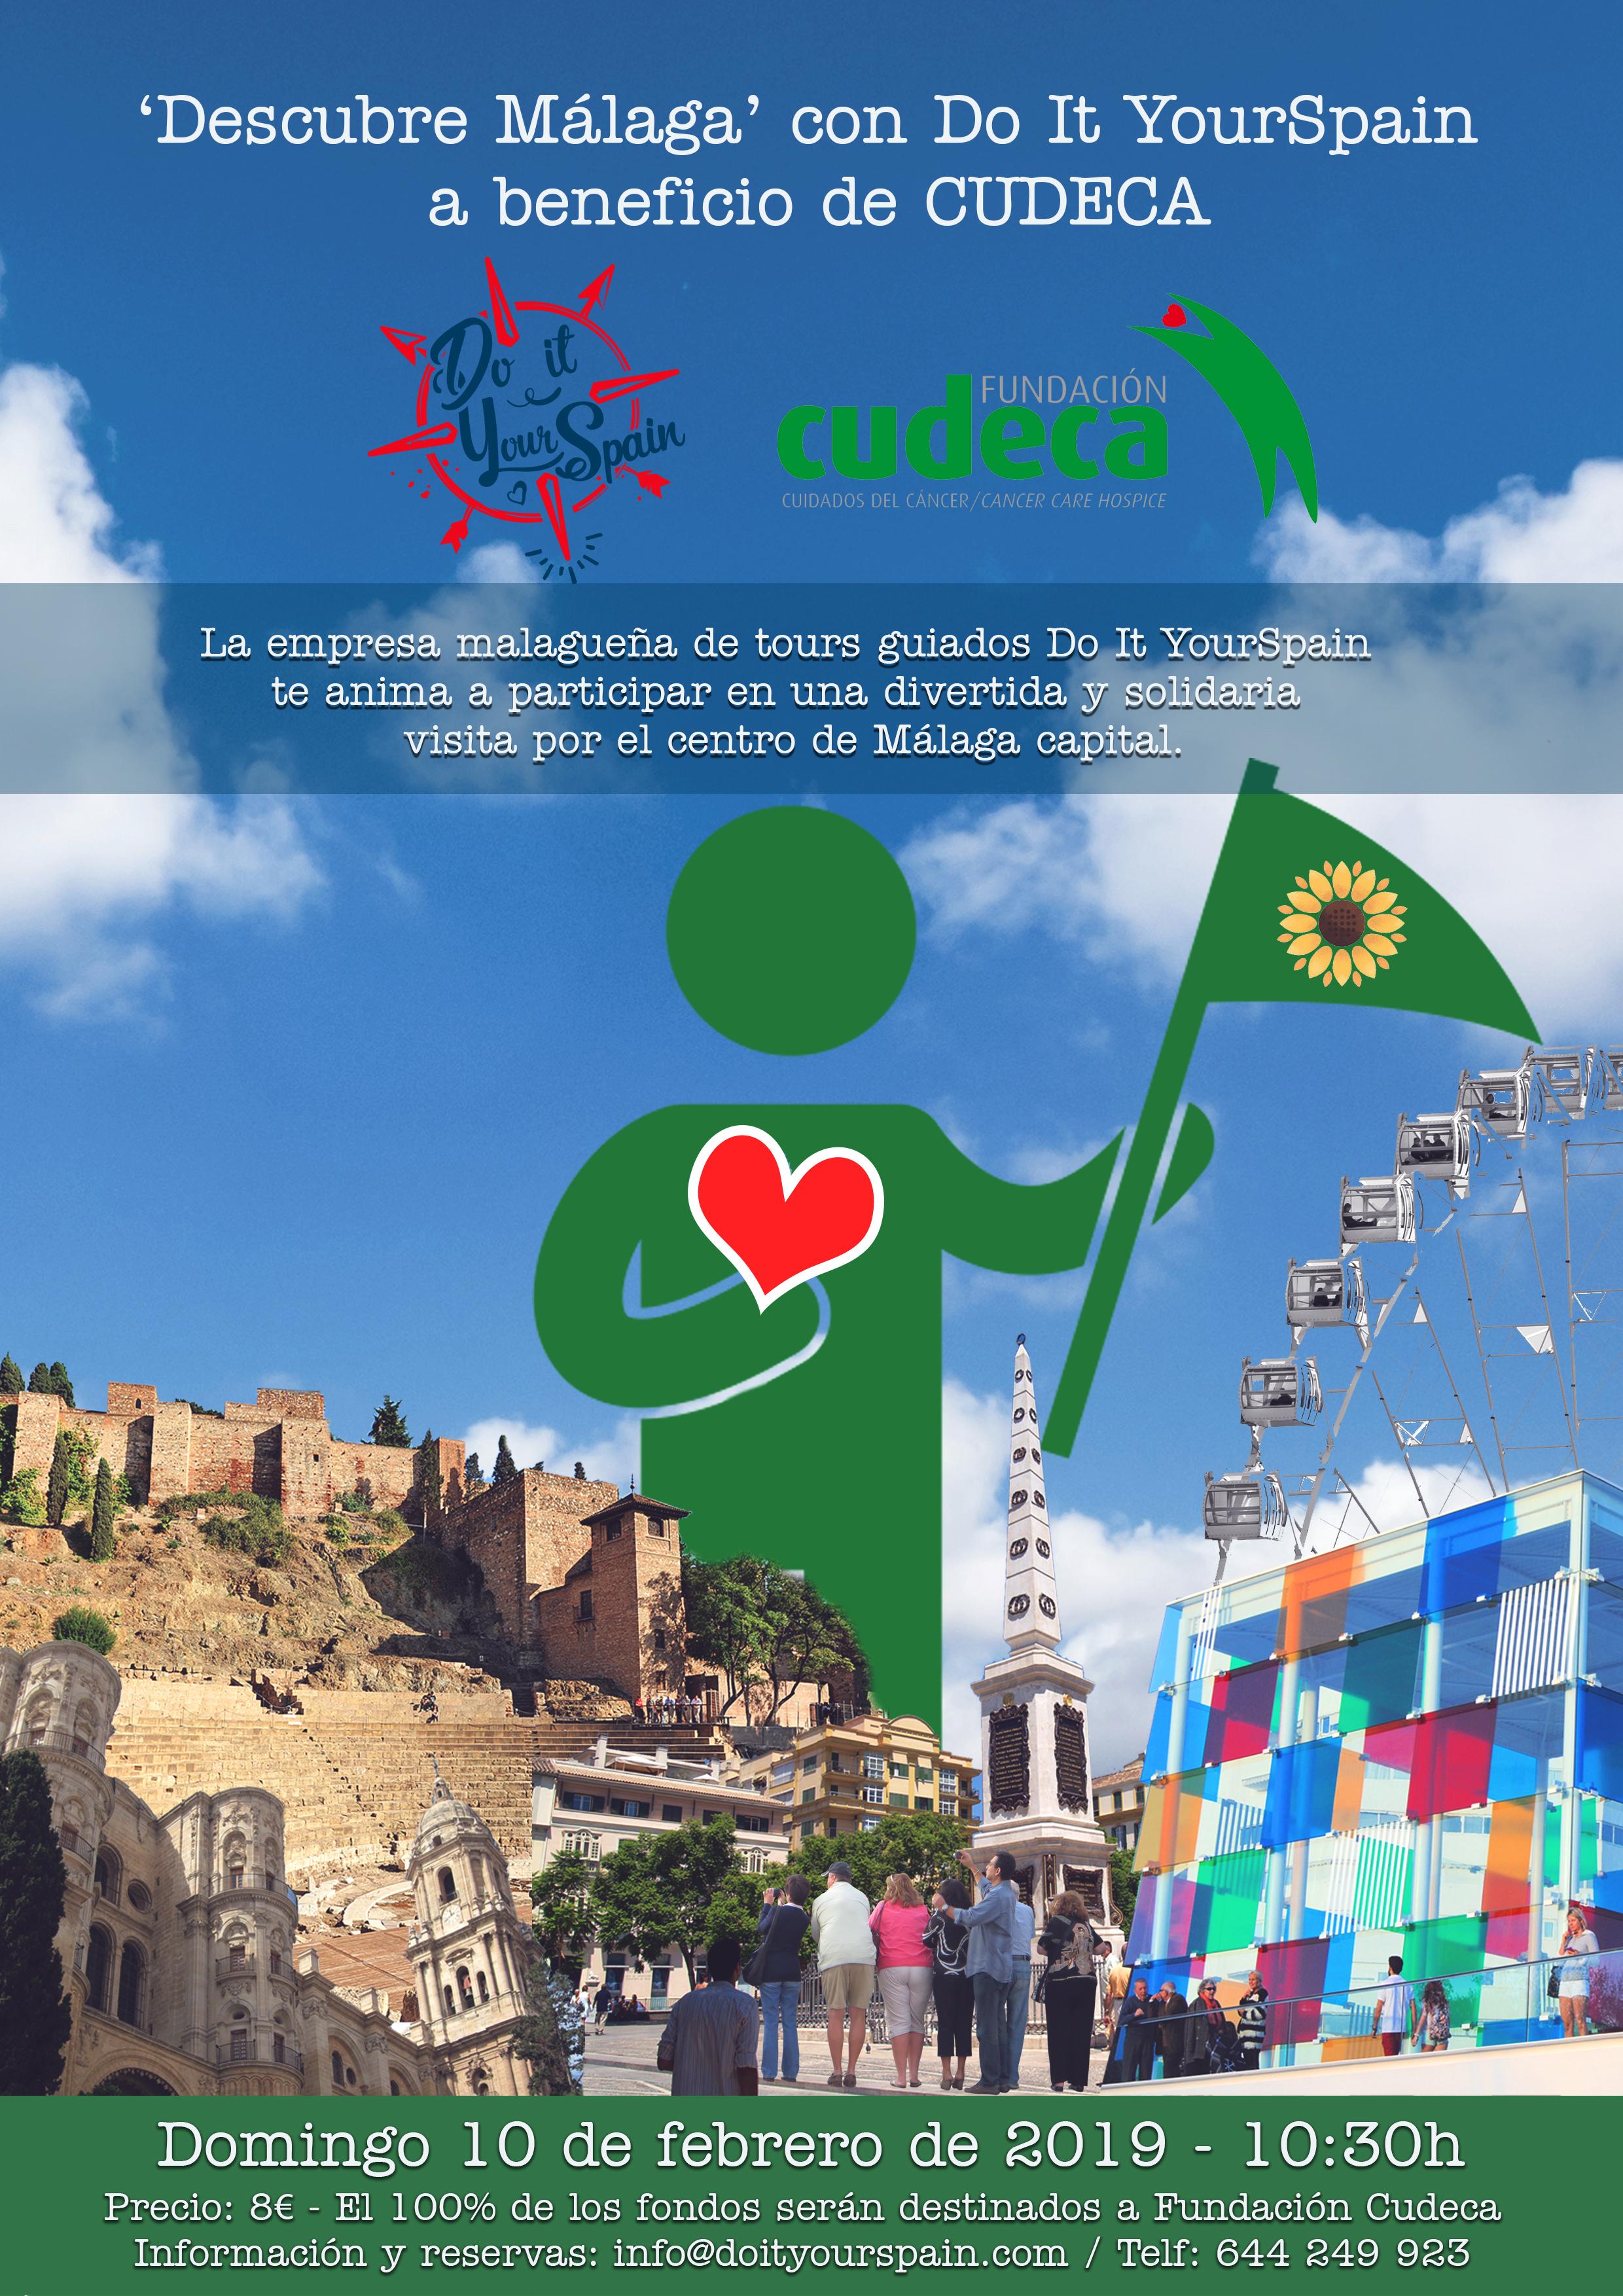 Descubre Málaga con Cudeca & Do it yourspain